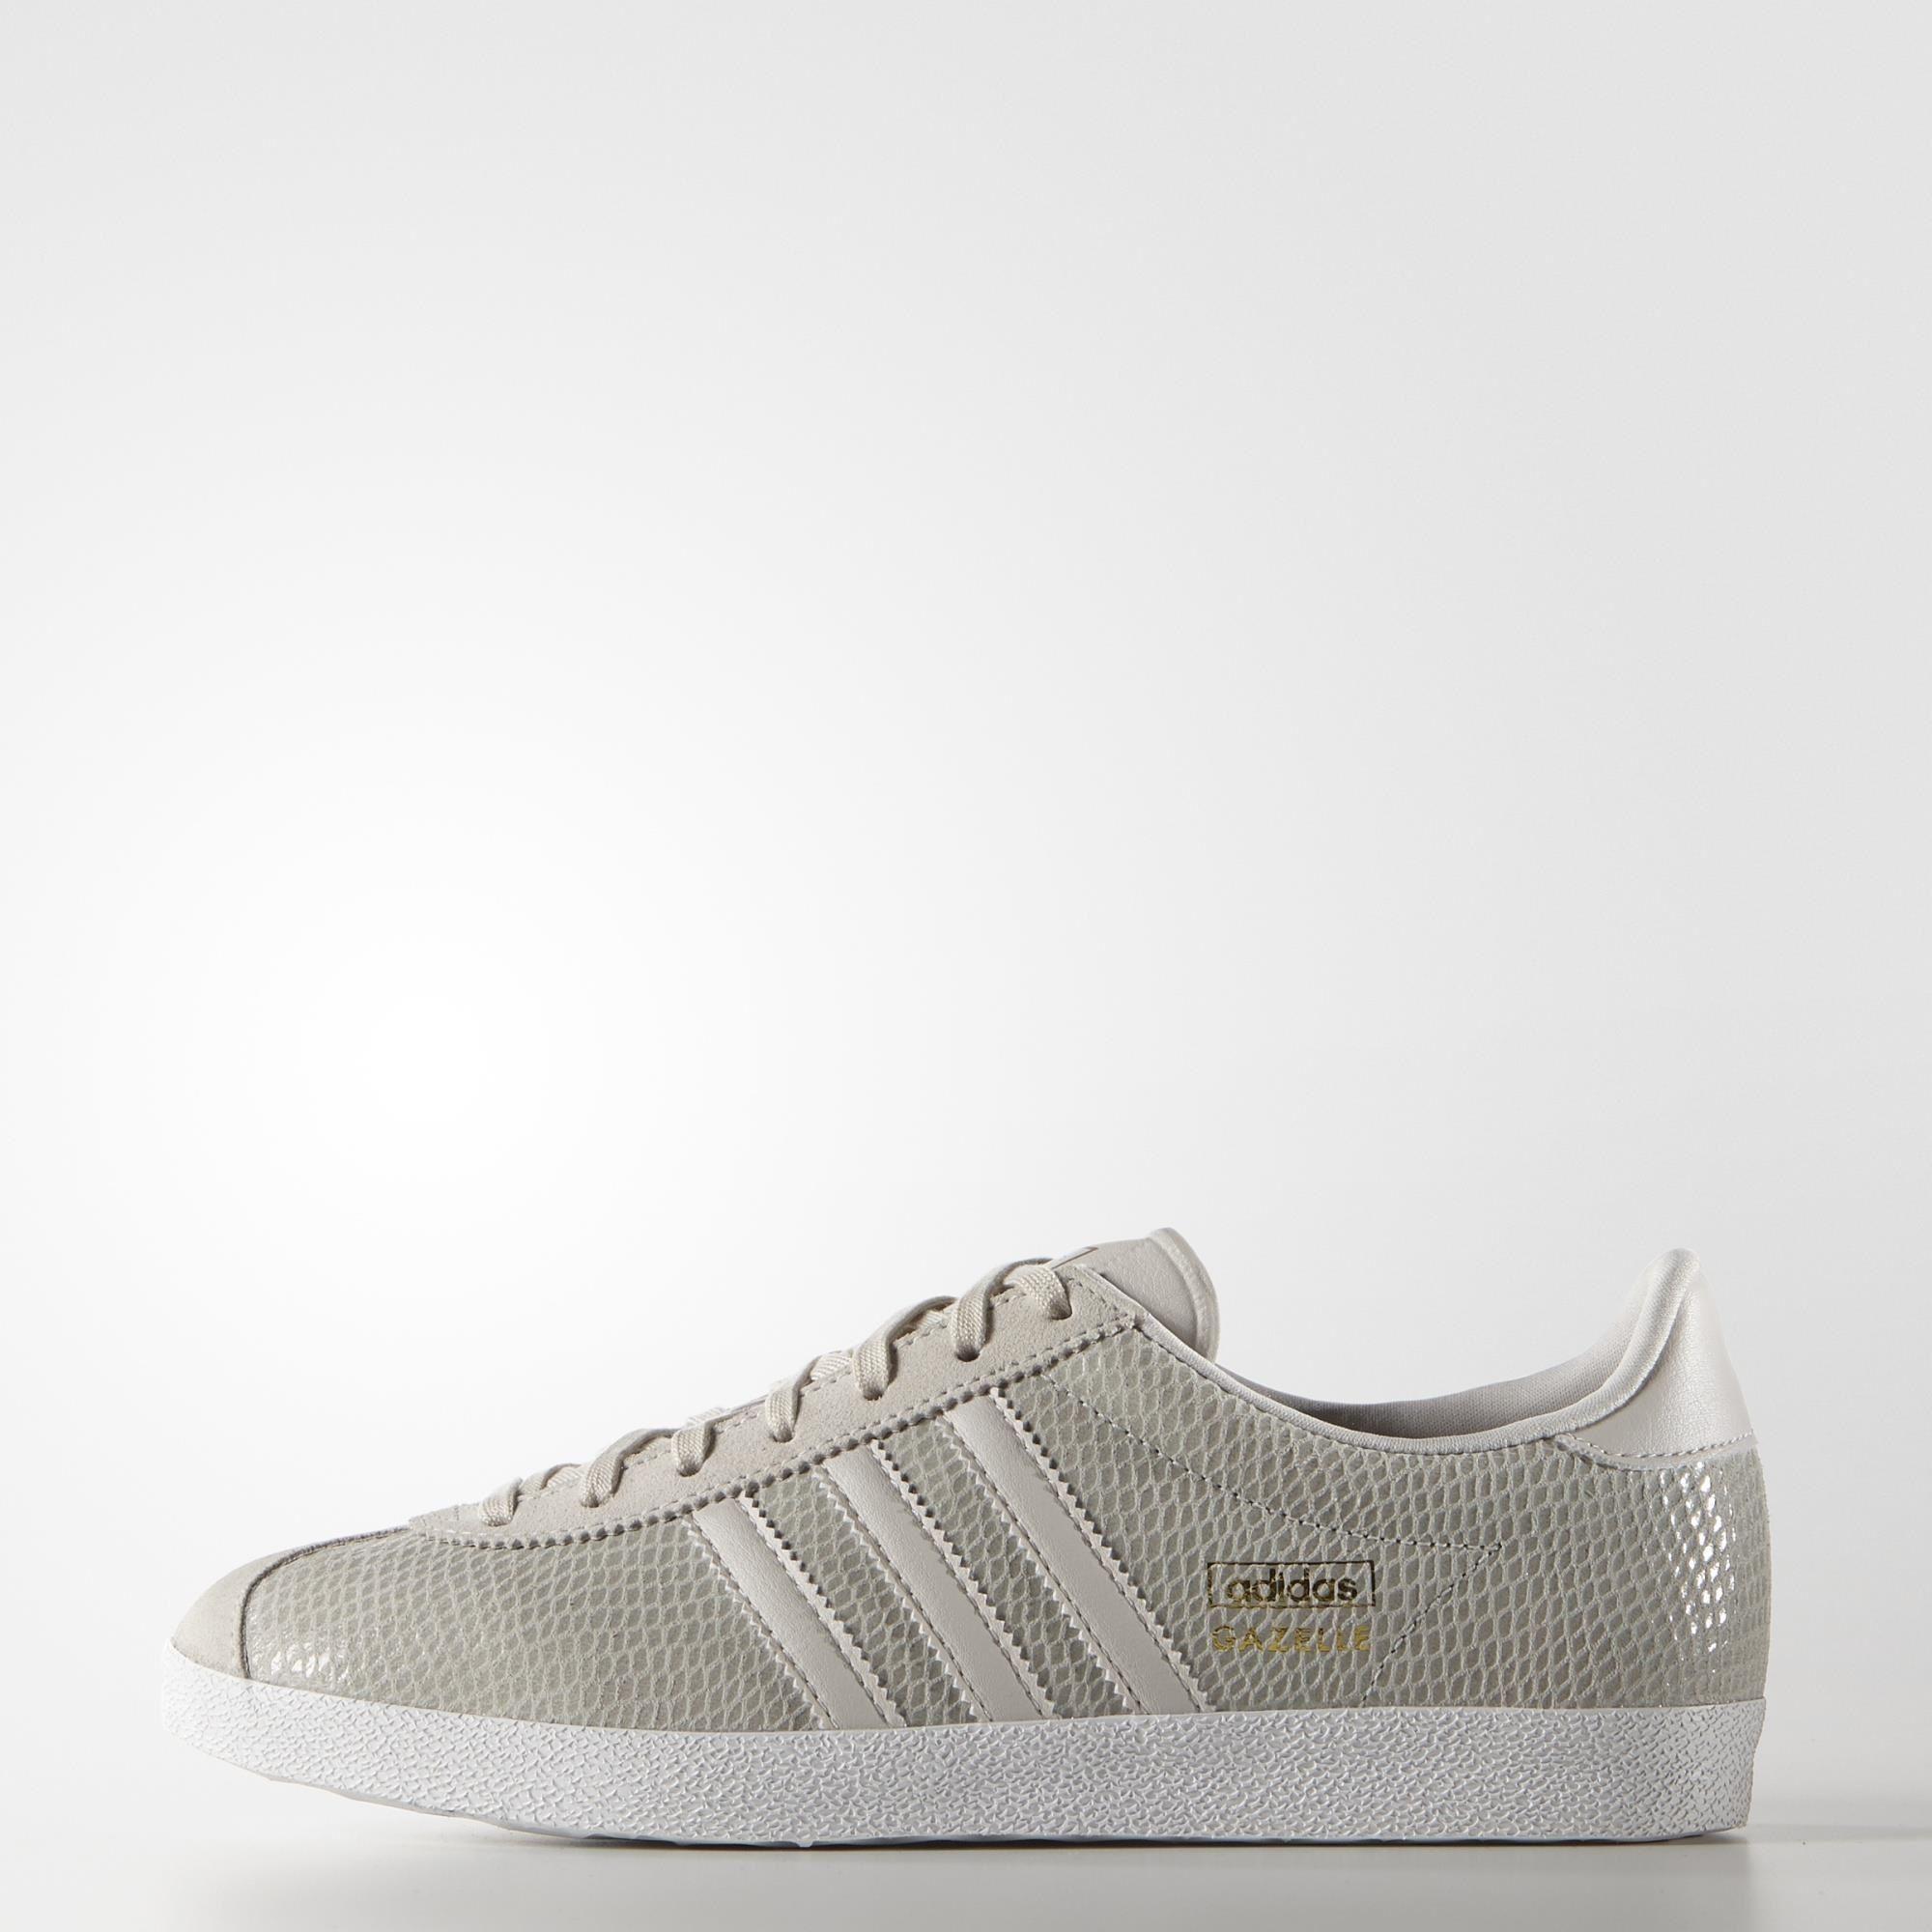 adidas shoes grey camouflage comforters walmart 585007